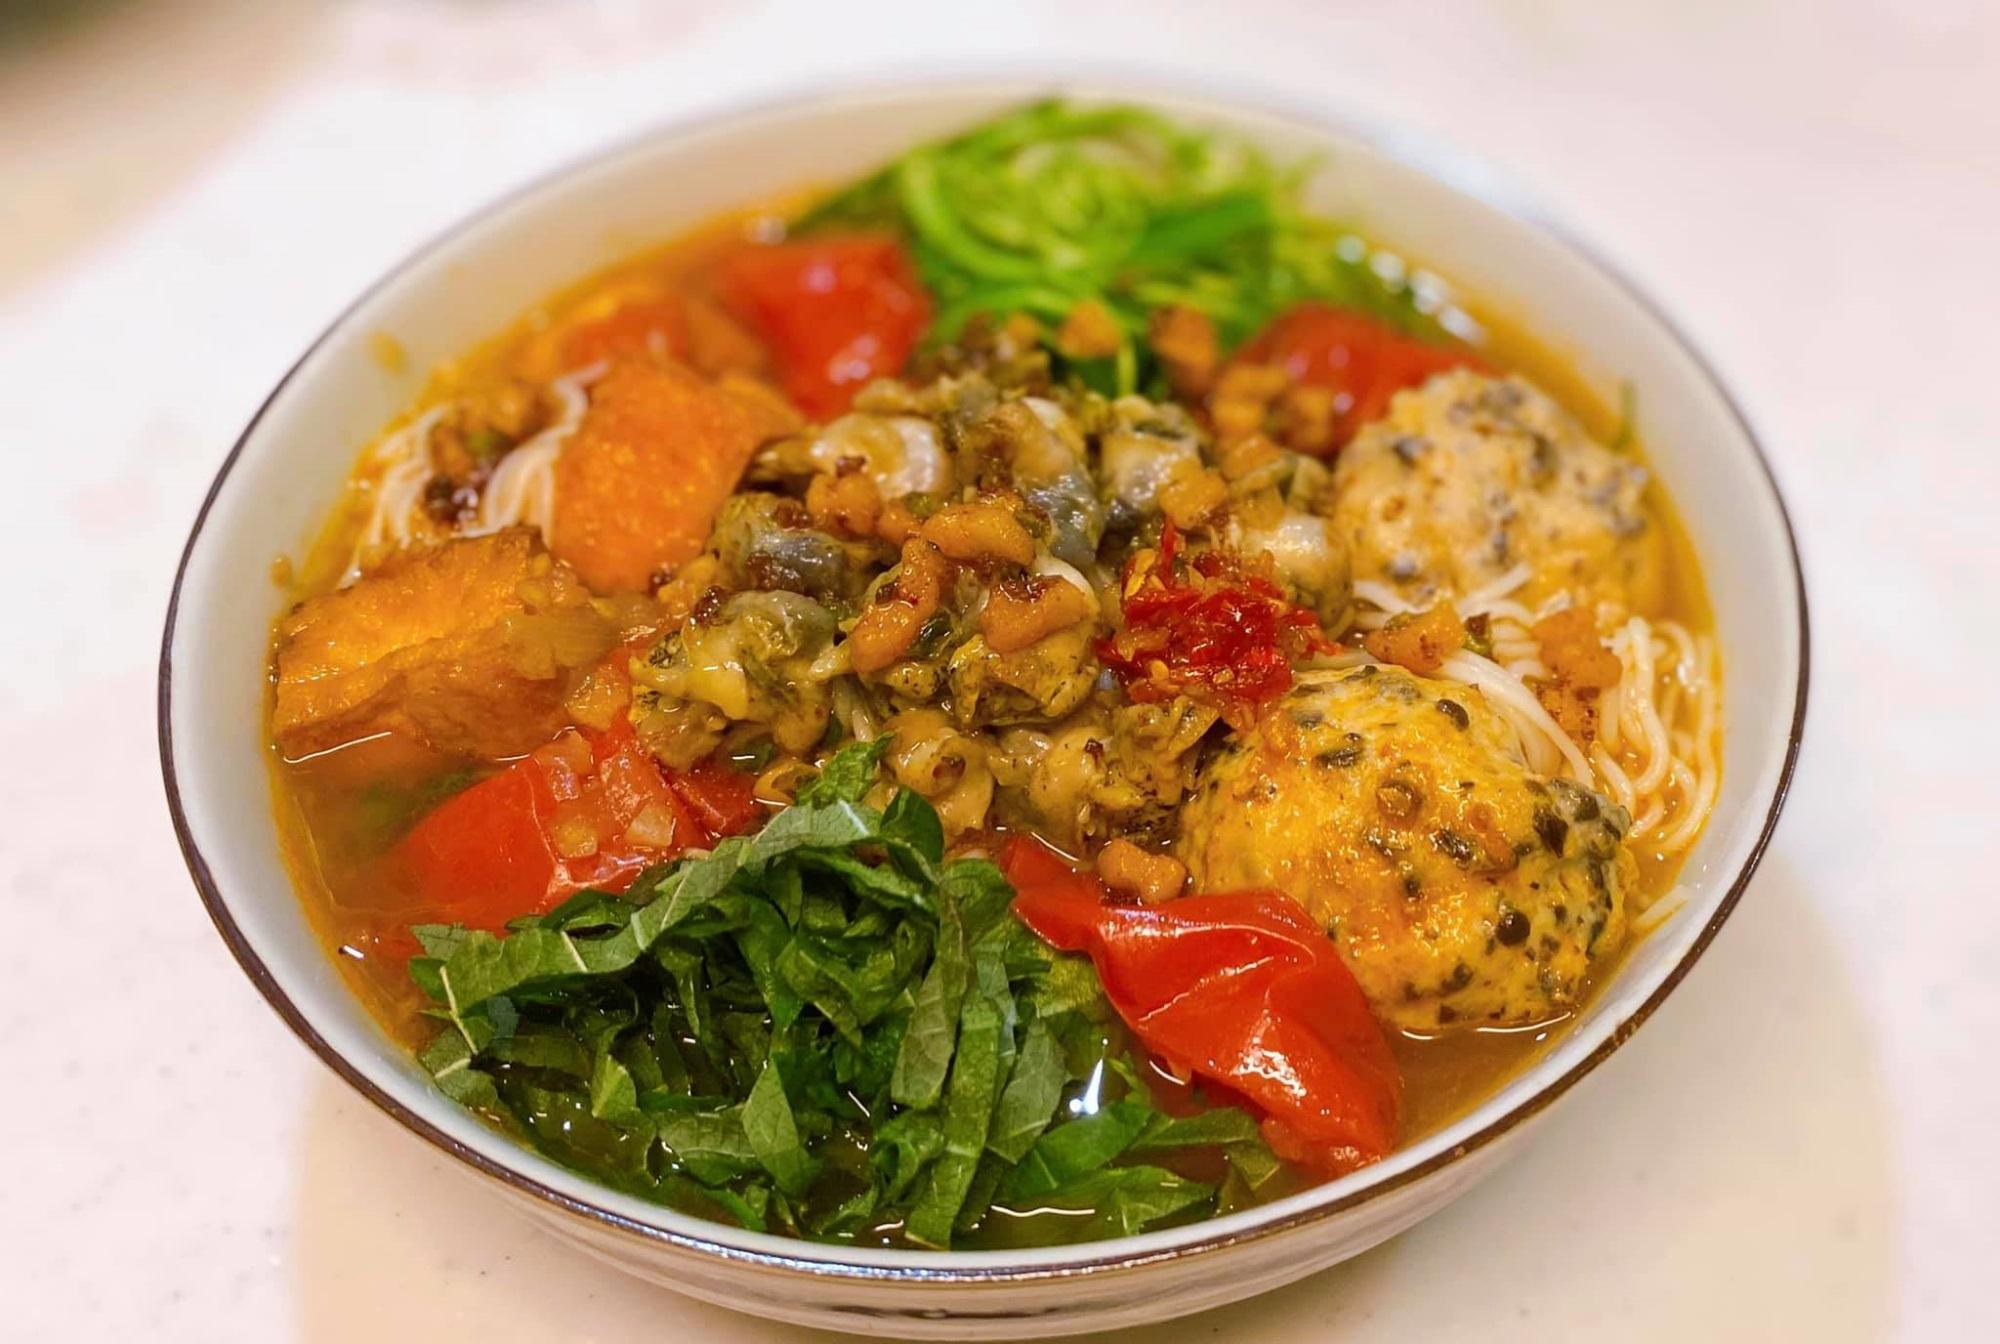 Mẹ đảm bật mí cách nấu bún ốc ngon đúng chuẩn Hà Nội: Thịt ốc dai giòn cùng nước dùng đậm đà 'ăn thật đã'  - Ảnh 8